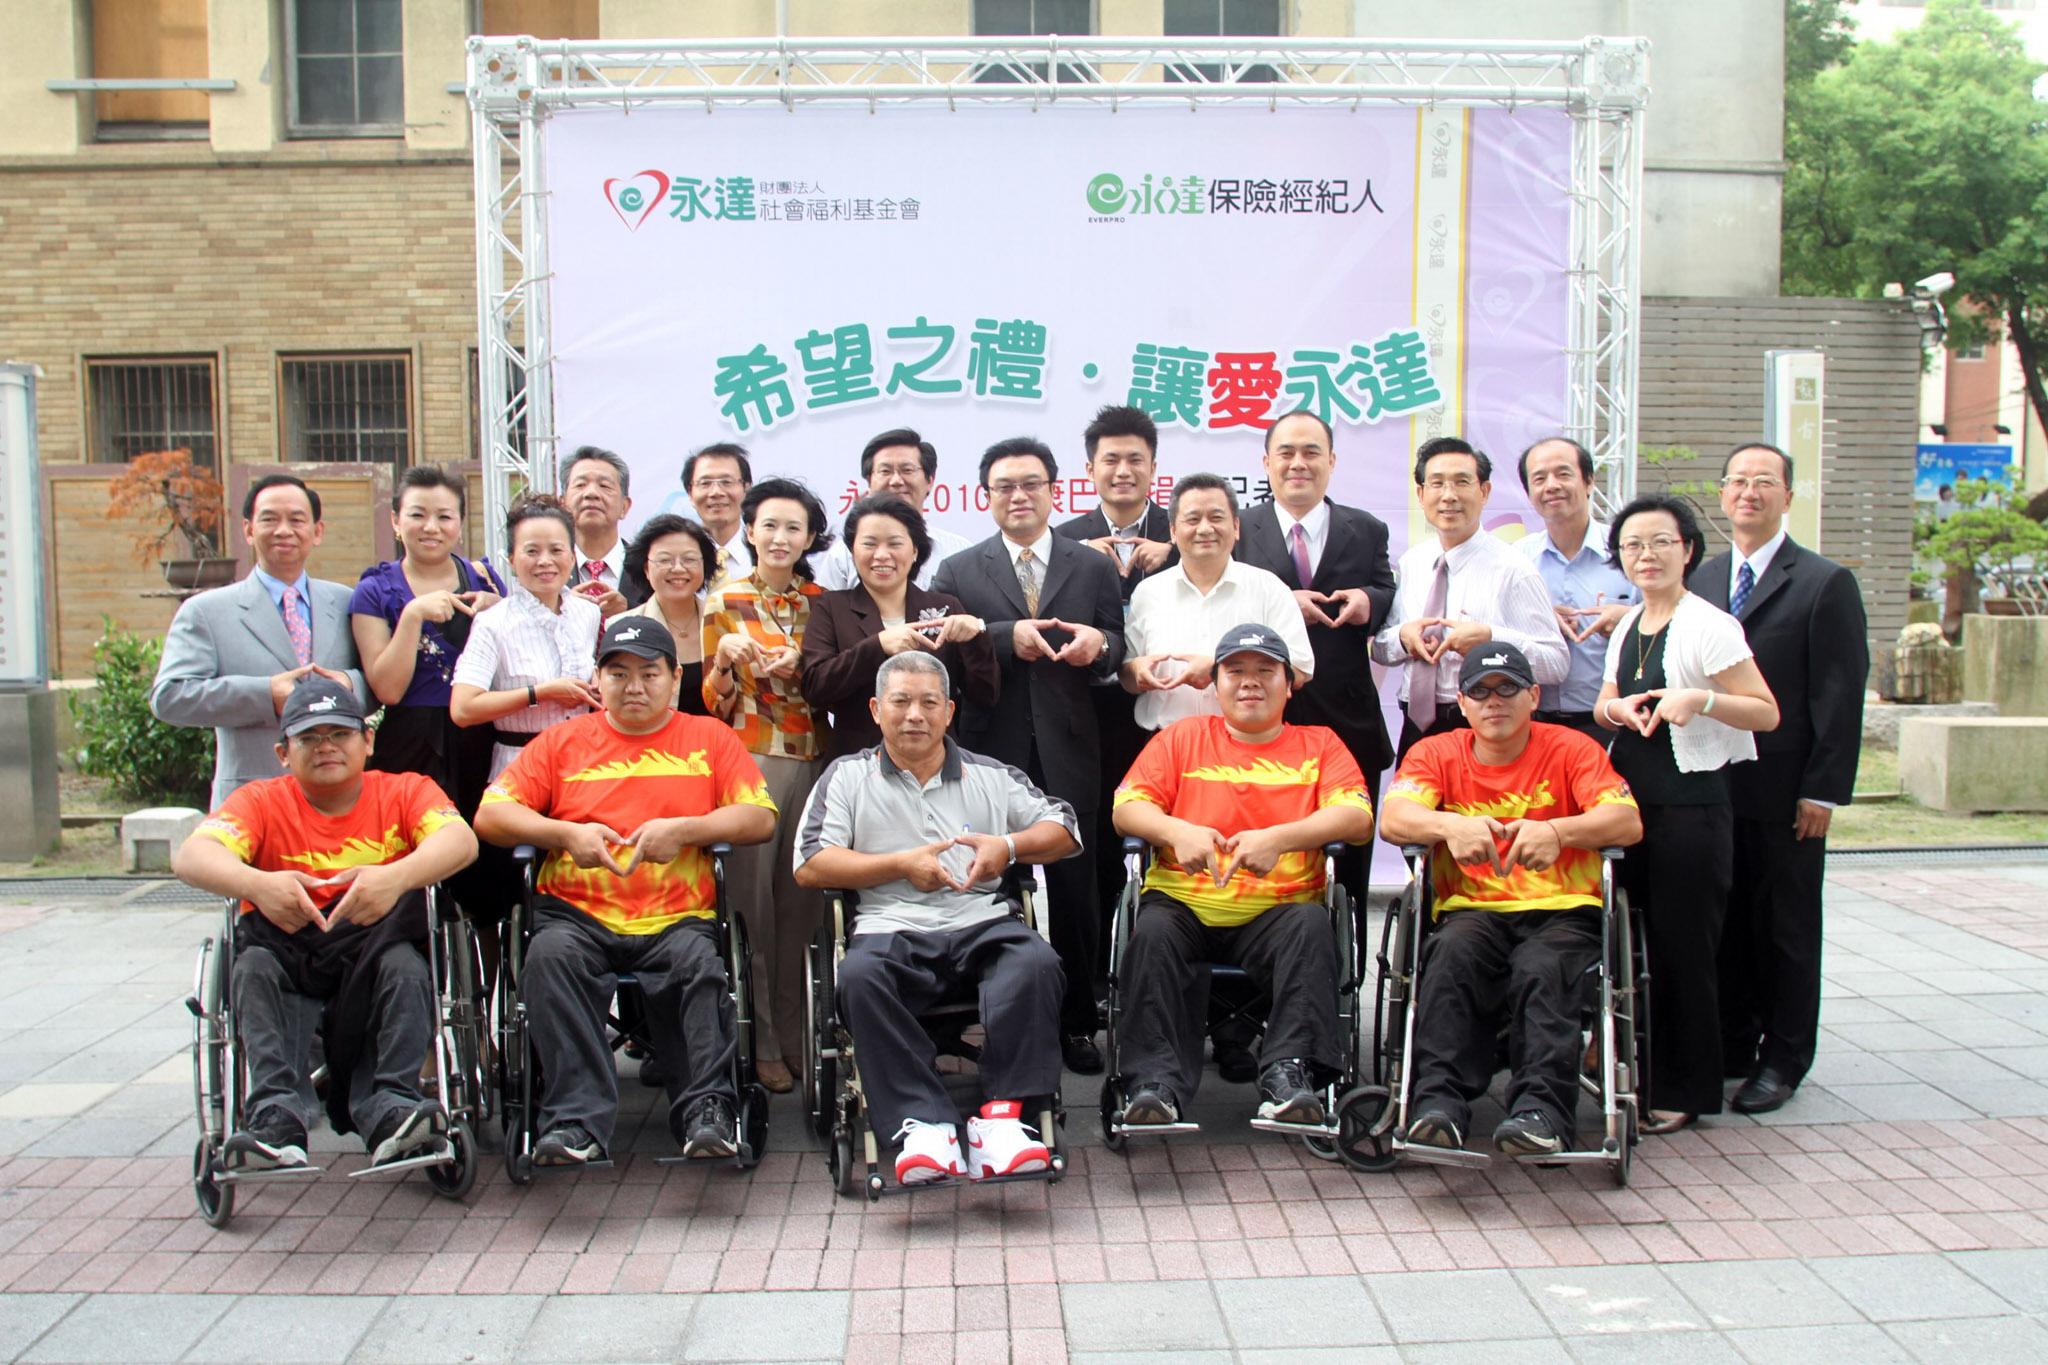 永達社福基金會第三年捐贈10台復康巴士,為身障者送上希望之禮!